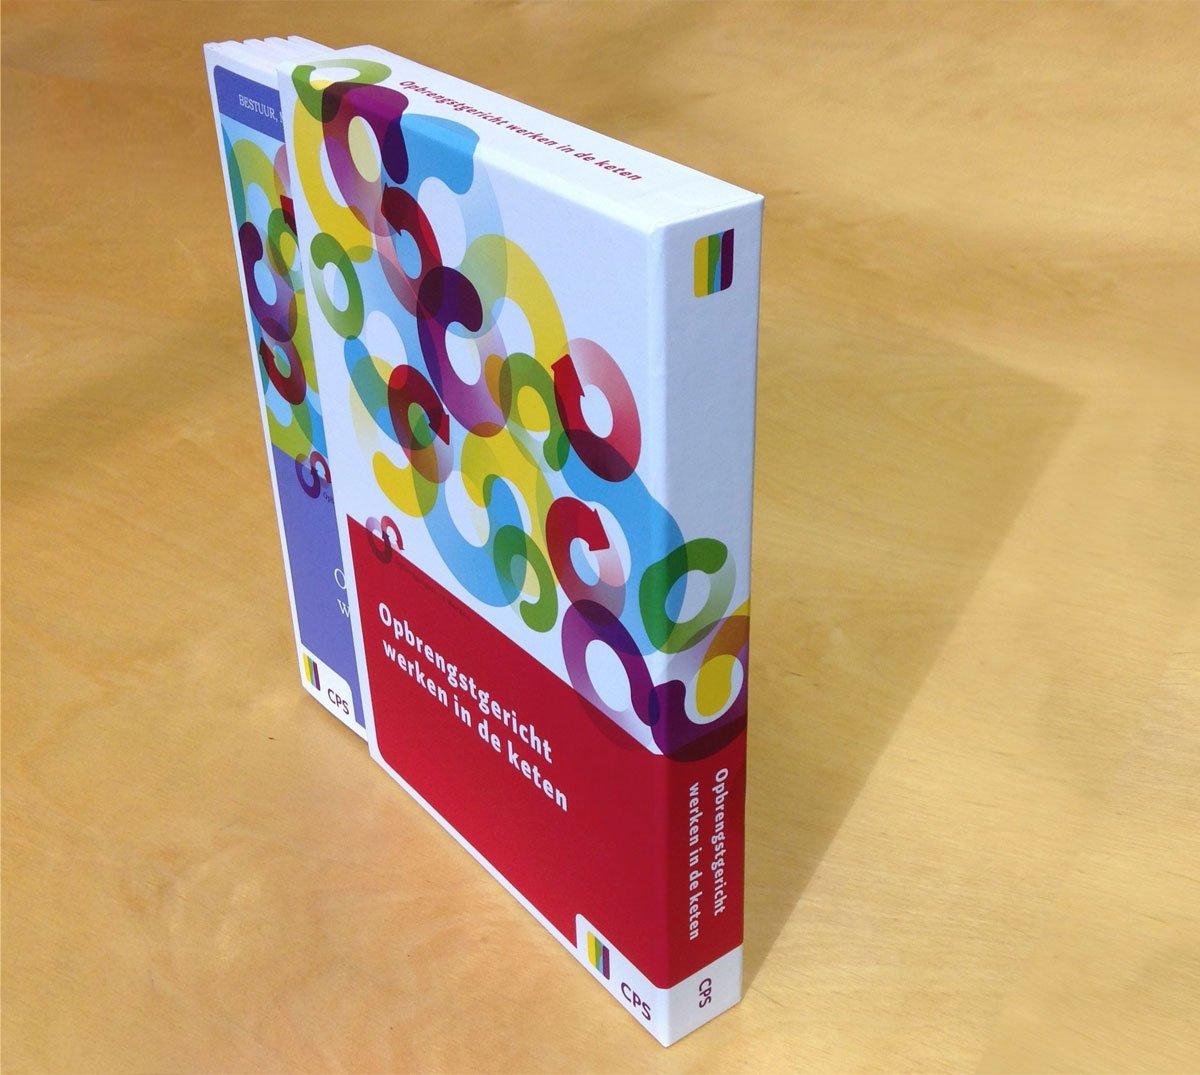 cassette foedraal boeken cartonnage voor CPS onderwijsontwikkeling